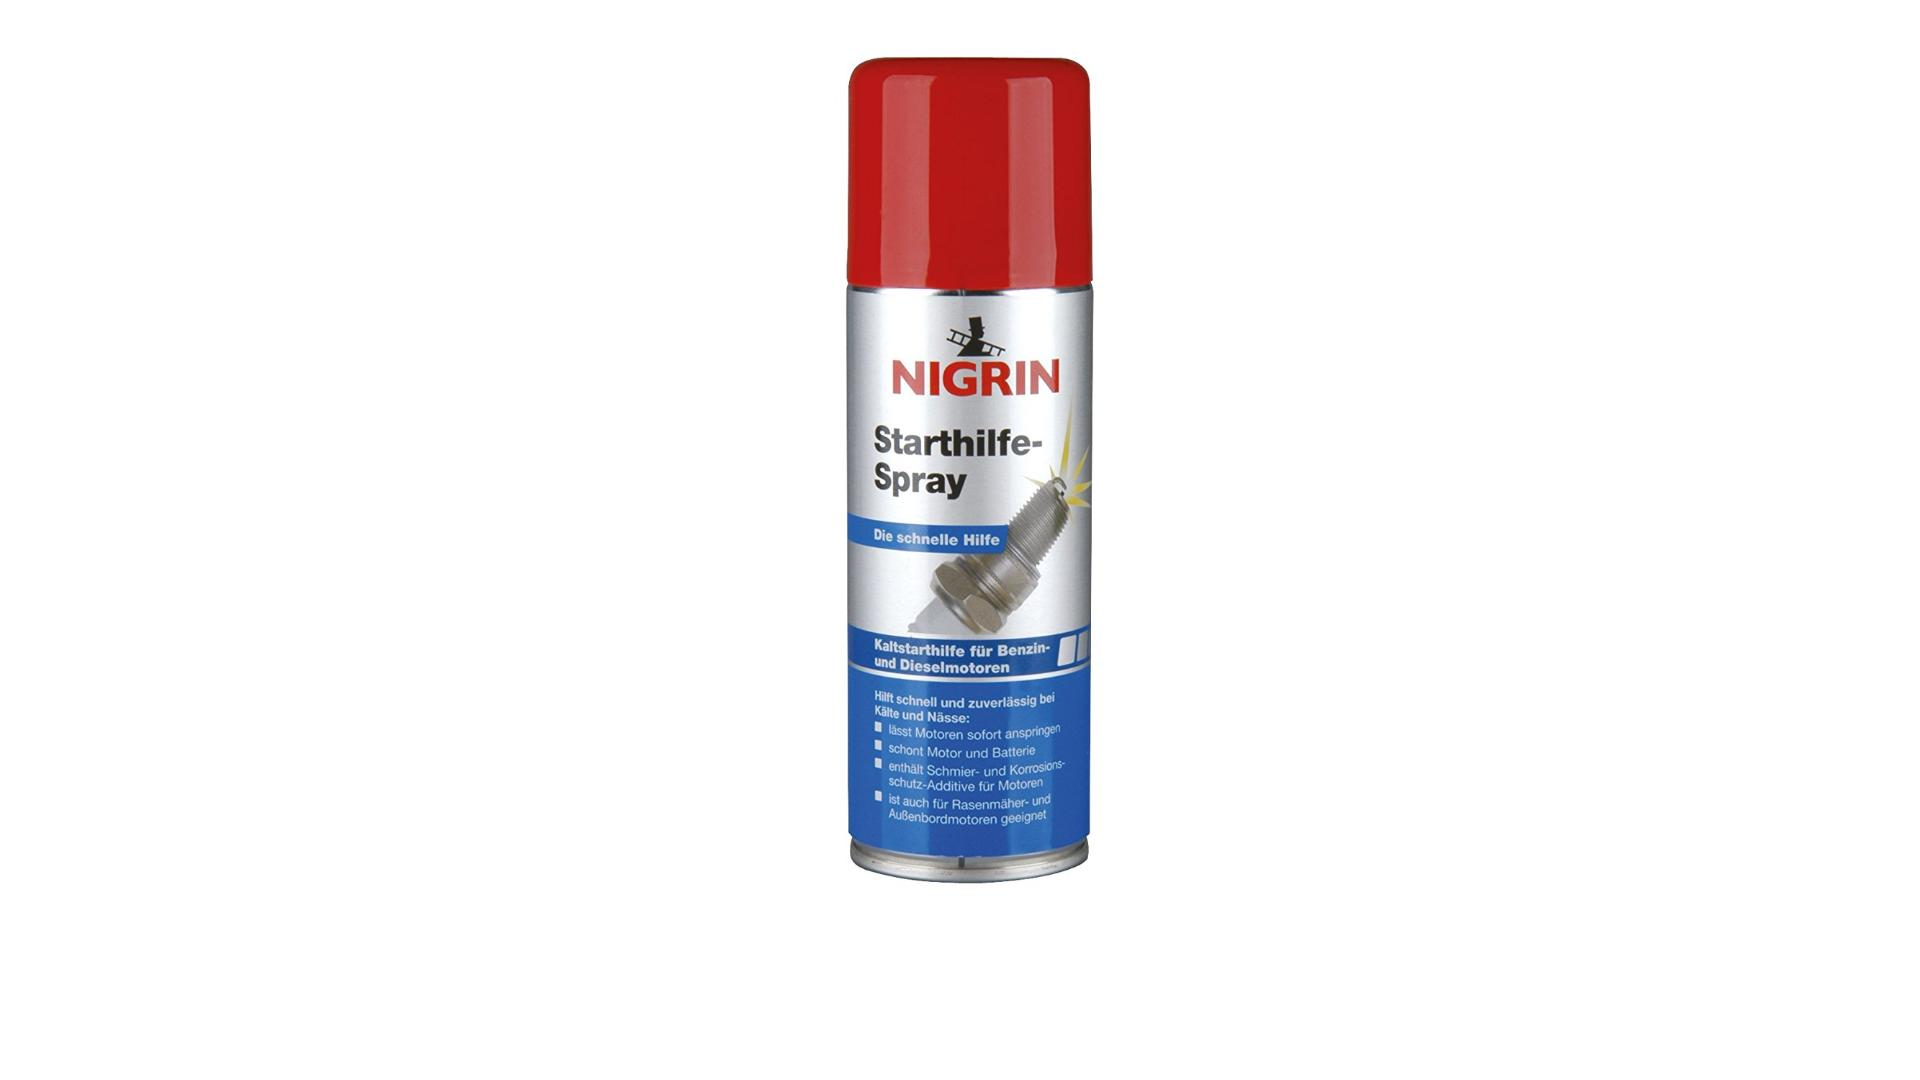 NIGRIN Prísada do motorového oleja pre uľahčenie štartovania 200ml